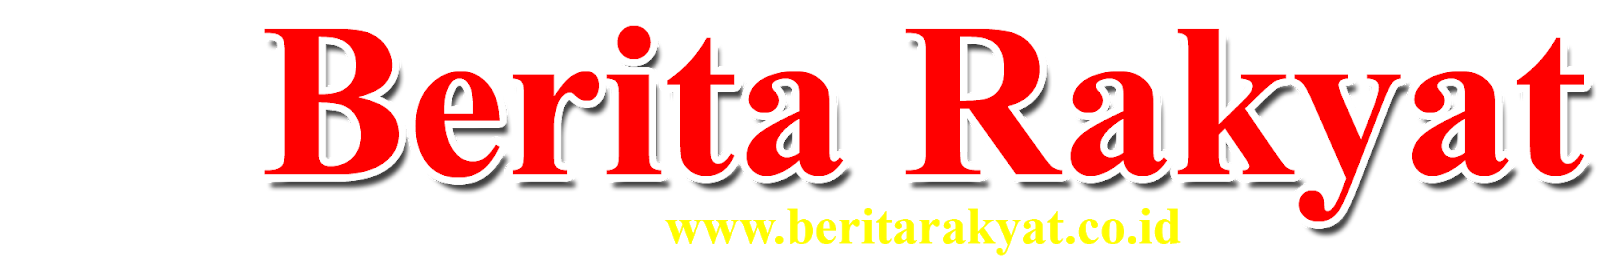 BERITA RAKYAT INDONESIA.